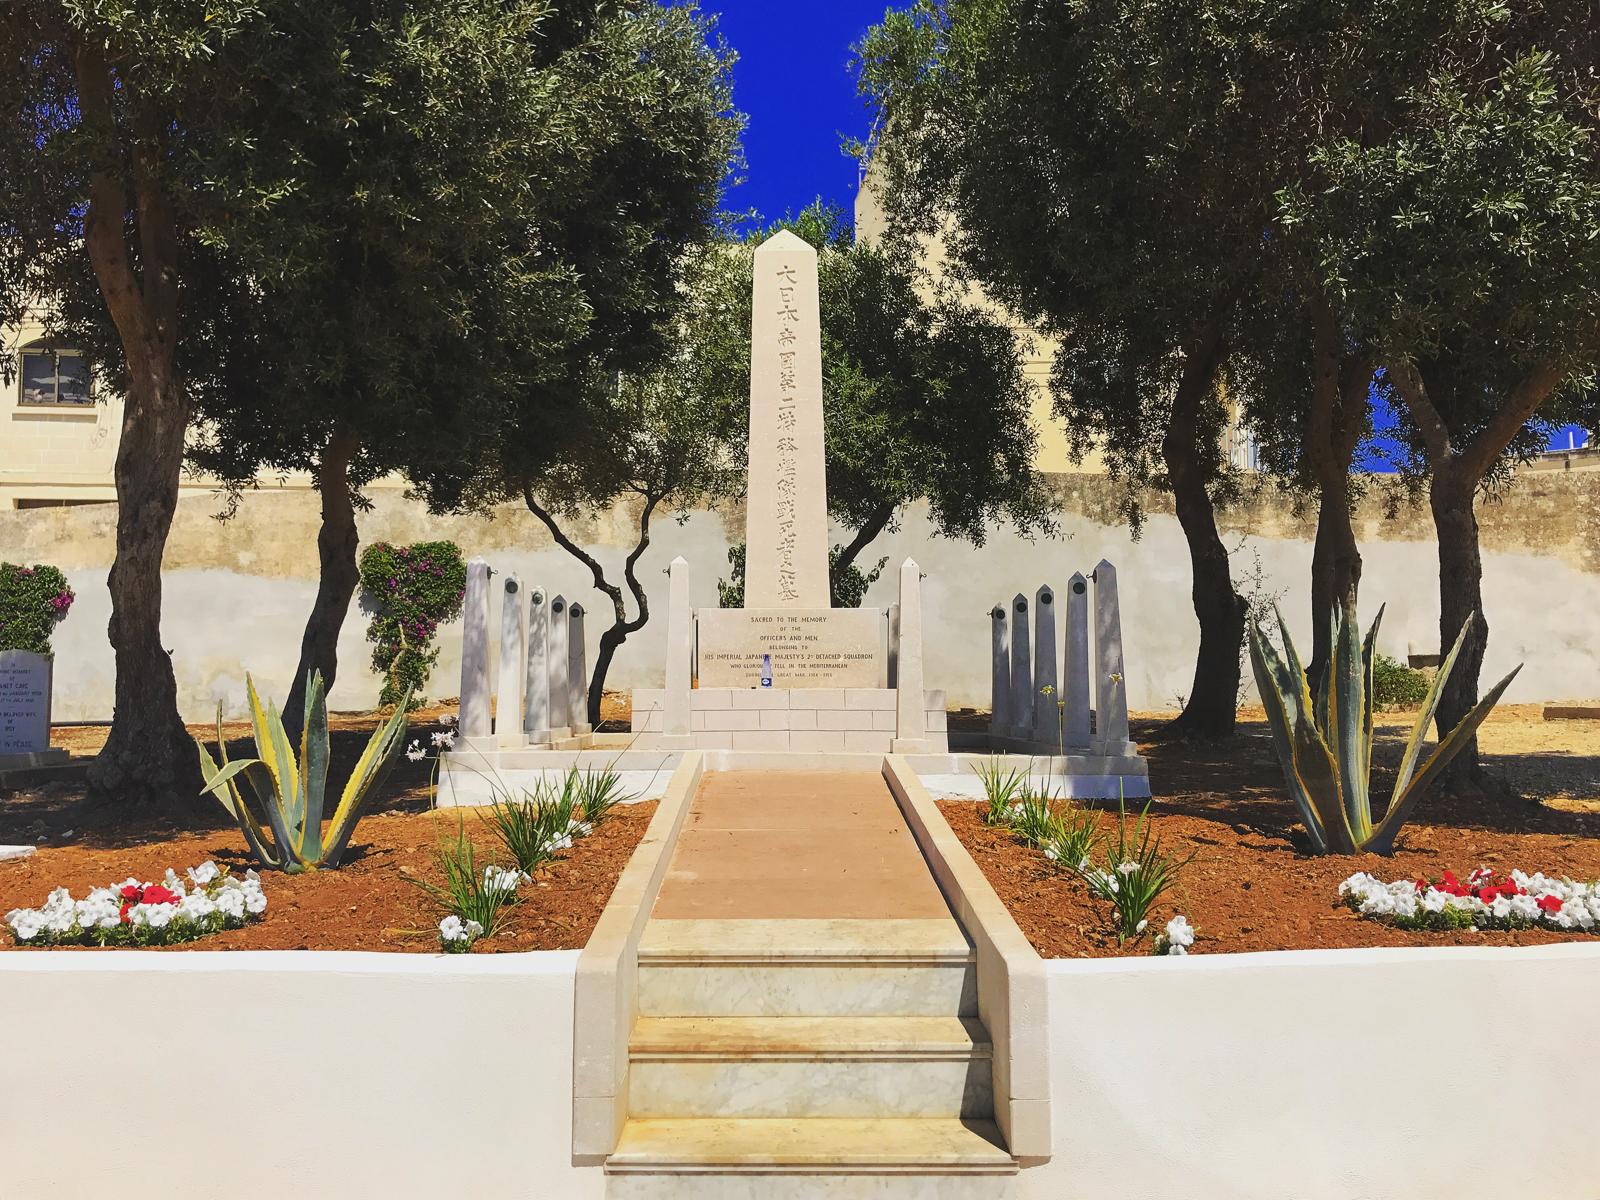 静寂の街【イムディーナ】Mdinaの歴史と行き方まずまとめ【マルタ共和国】